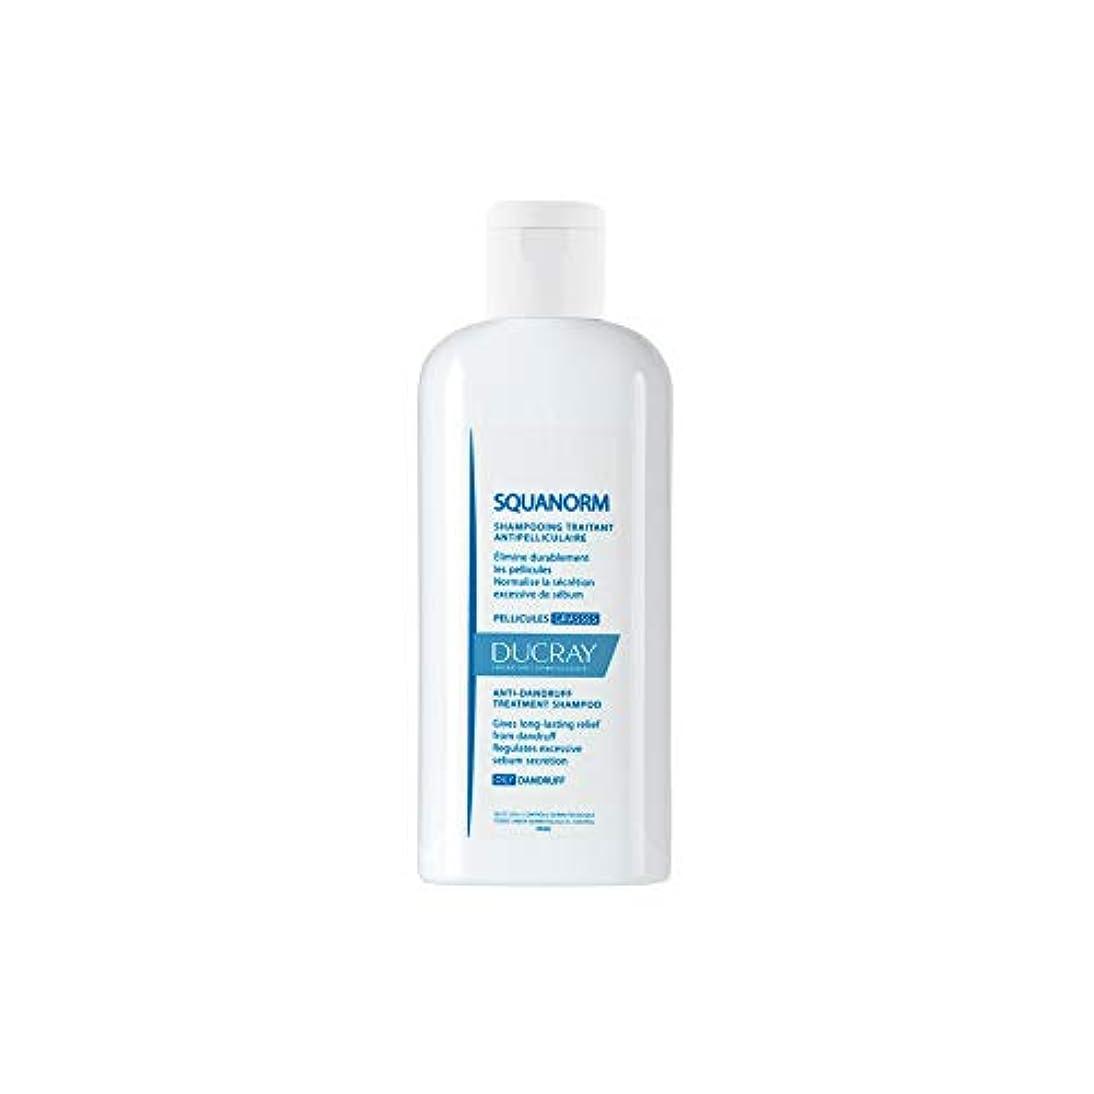 走る怖がらせる説得Ducray Squanorm Anti Oily Dandruff Shampoo 200ml by Ducray [並行輸入品]